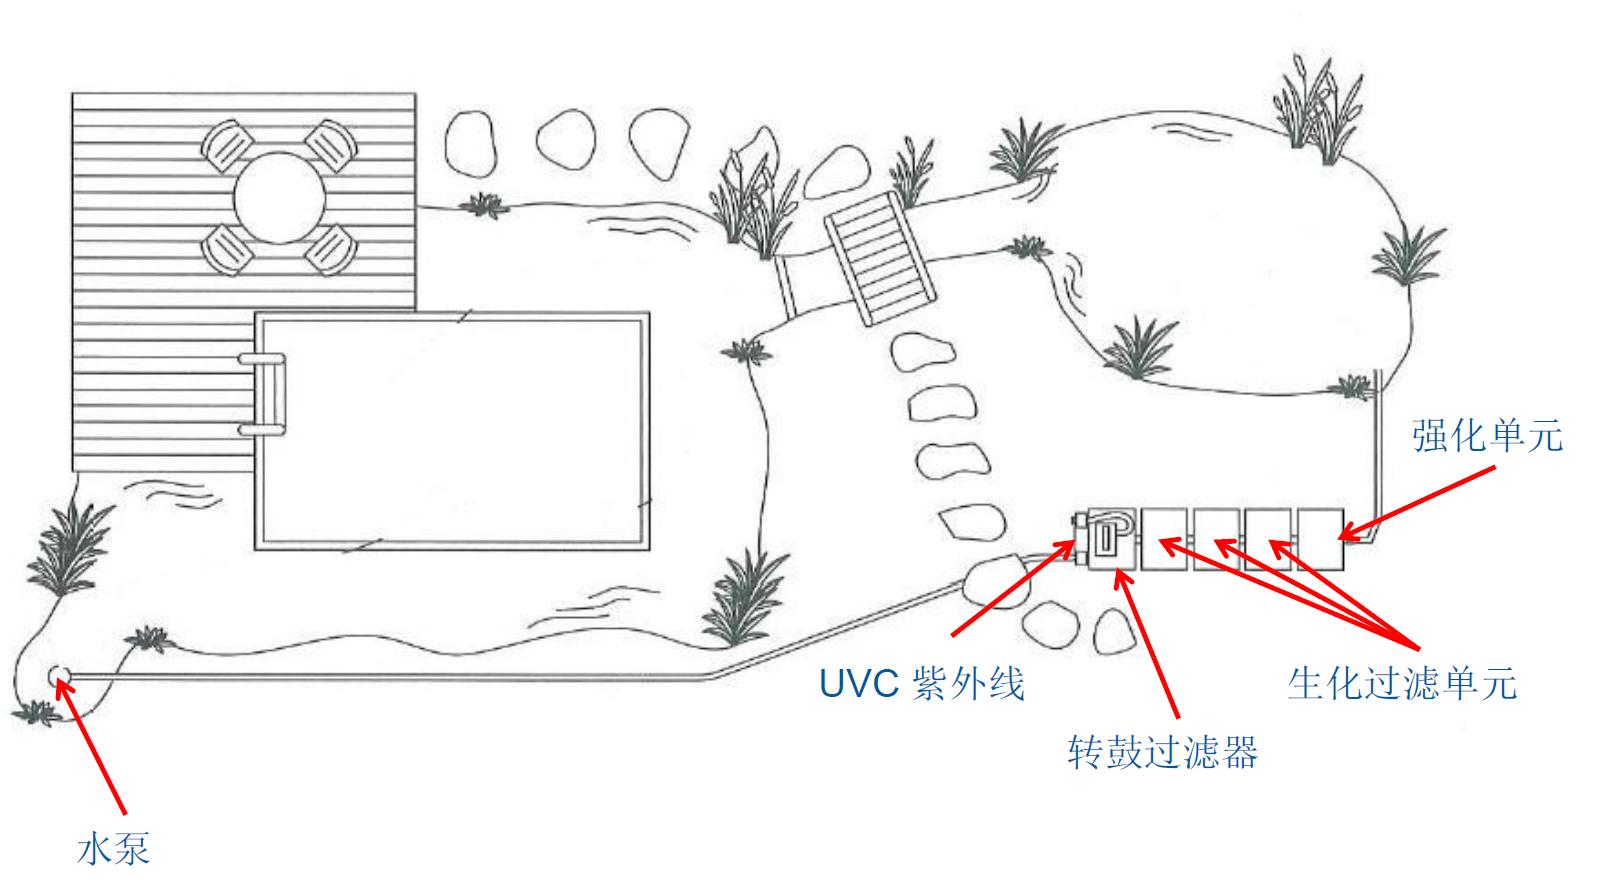 锦鲤池设计图纸长方形